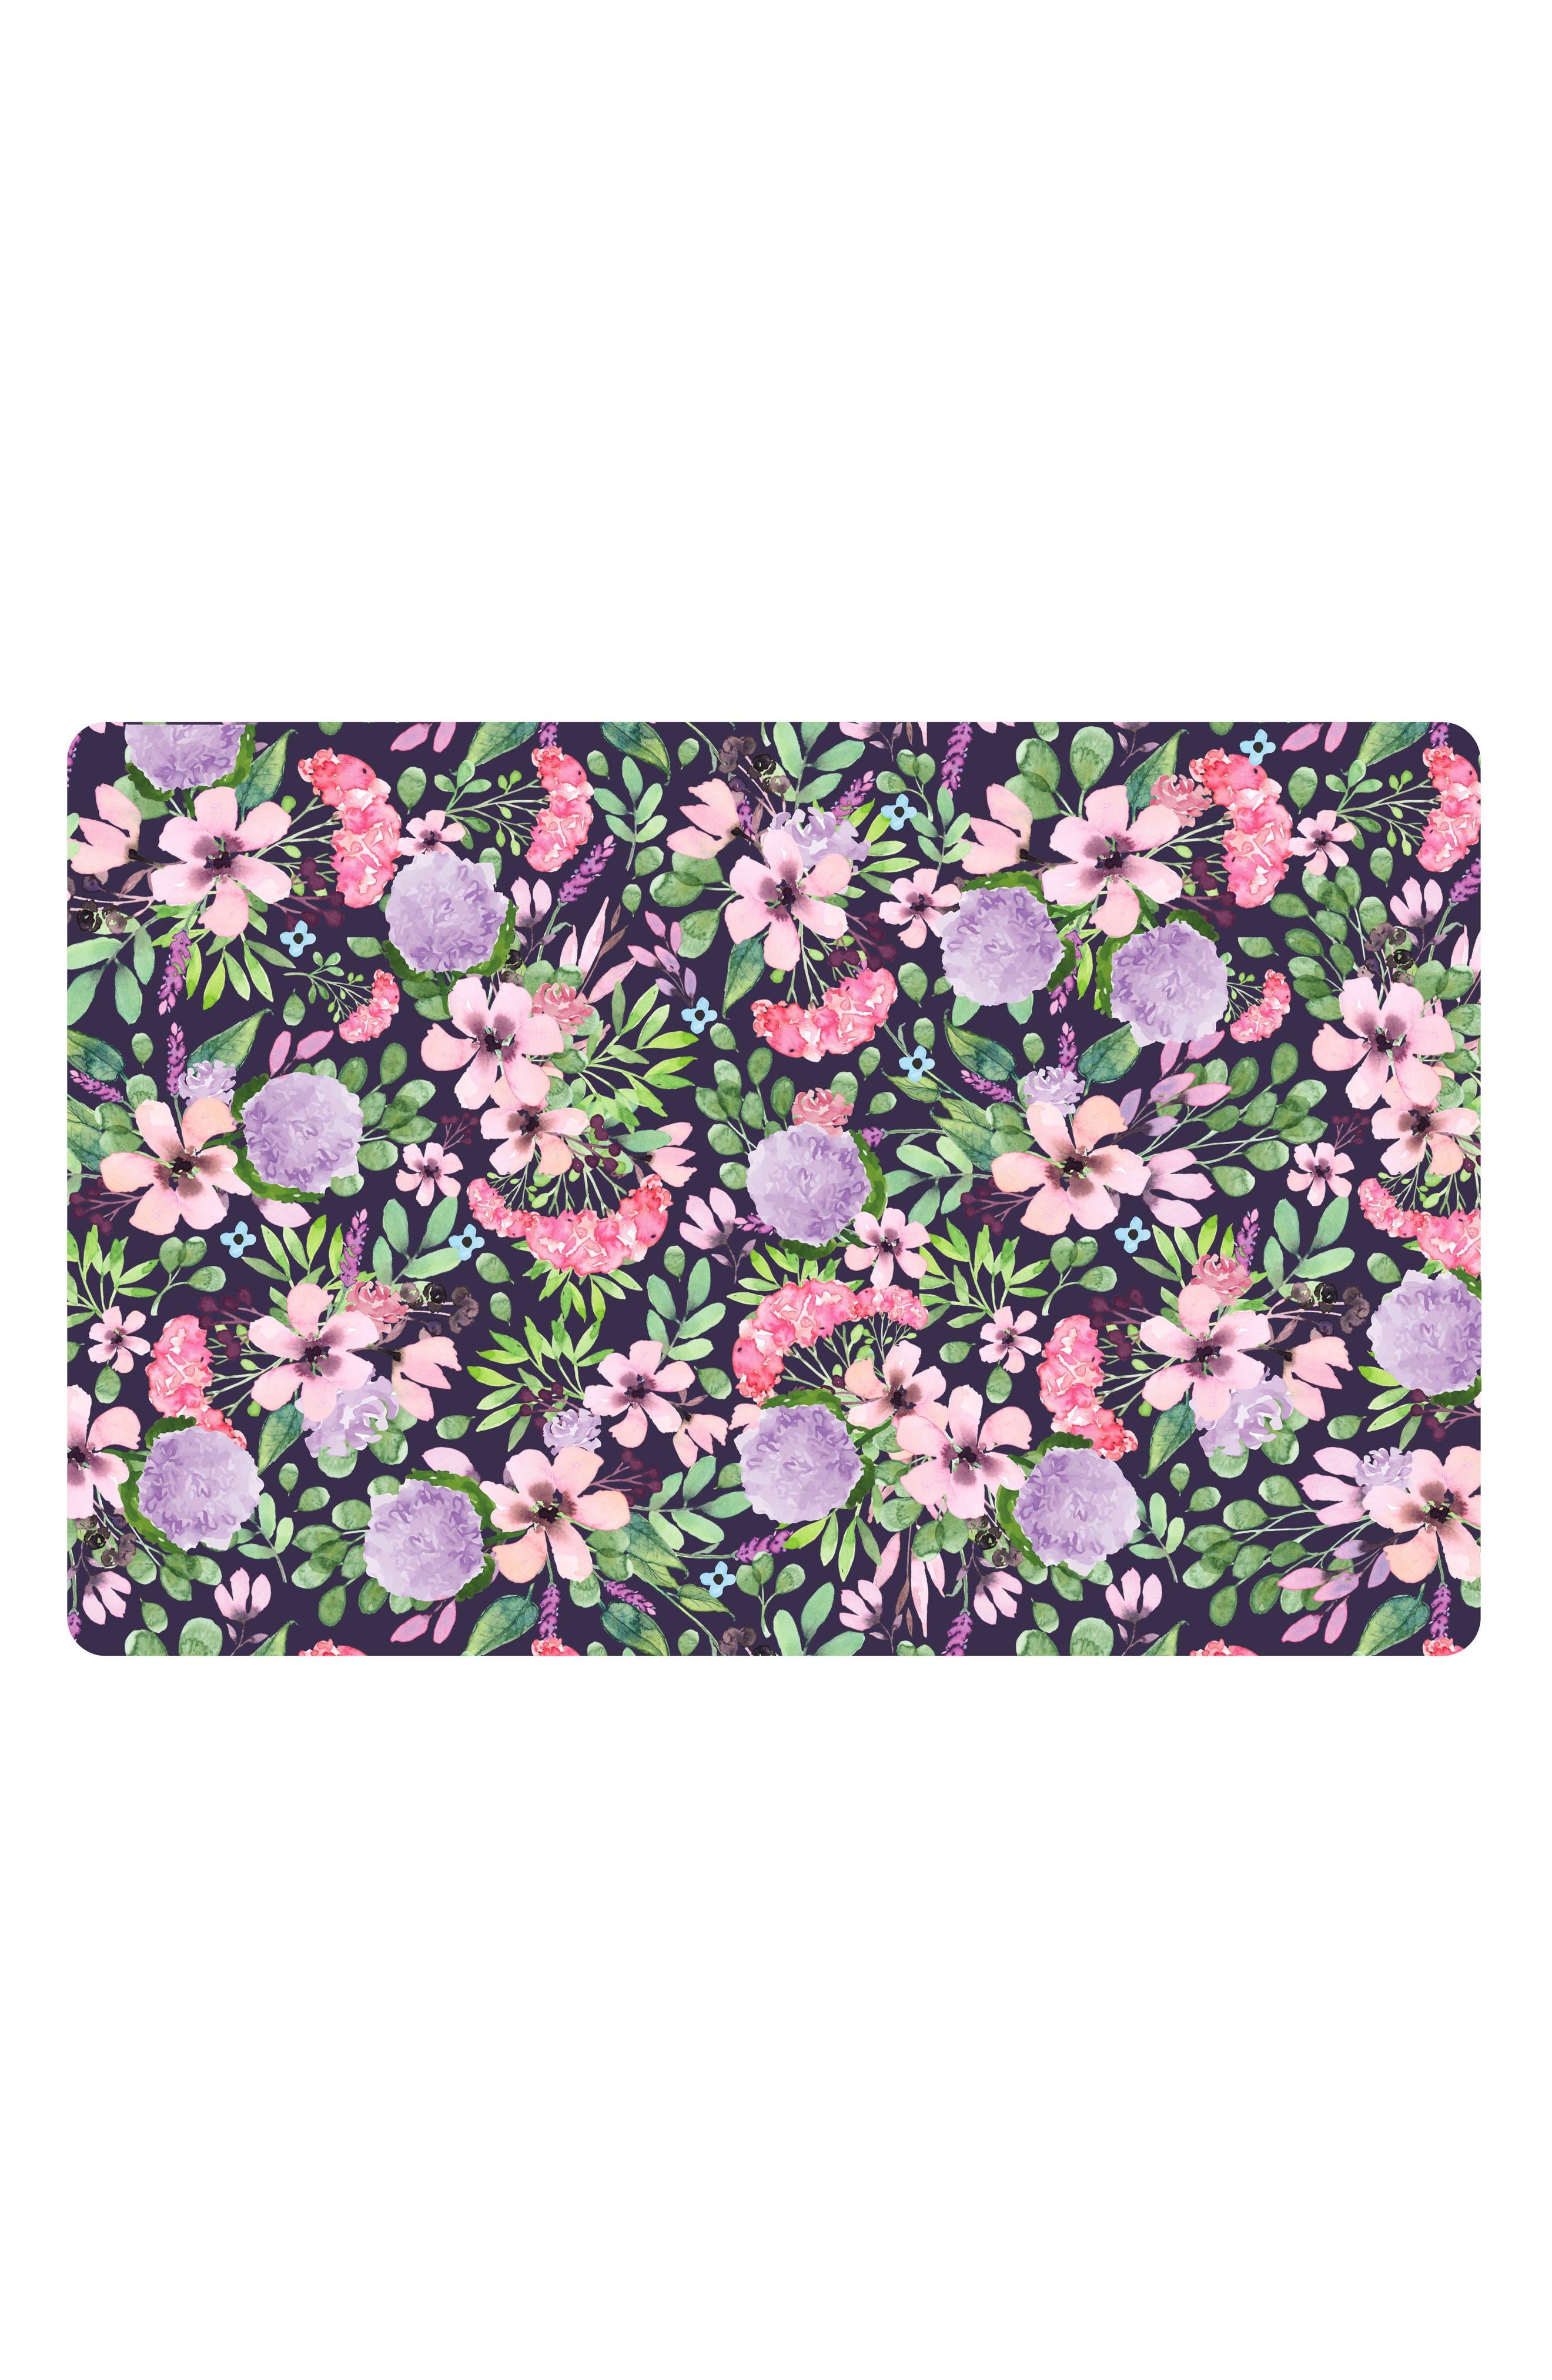 Floral Medley Monthly Memory Blanket & Swaddle Set,                         Main,                         color, FLORAL MEDLEY